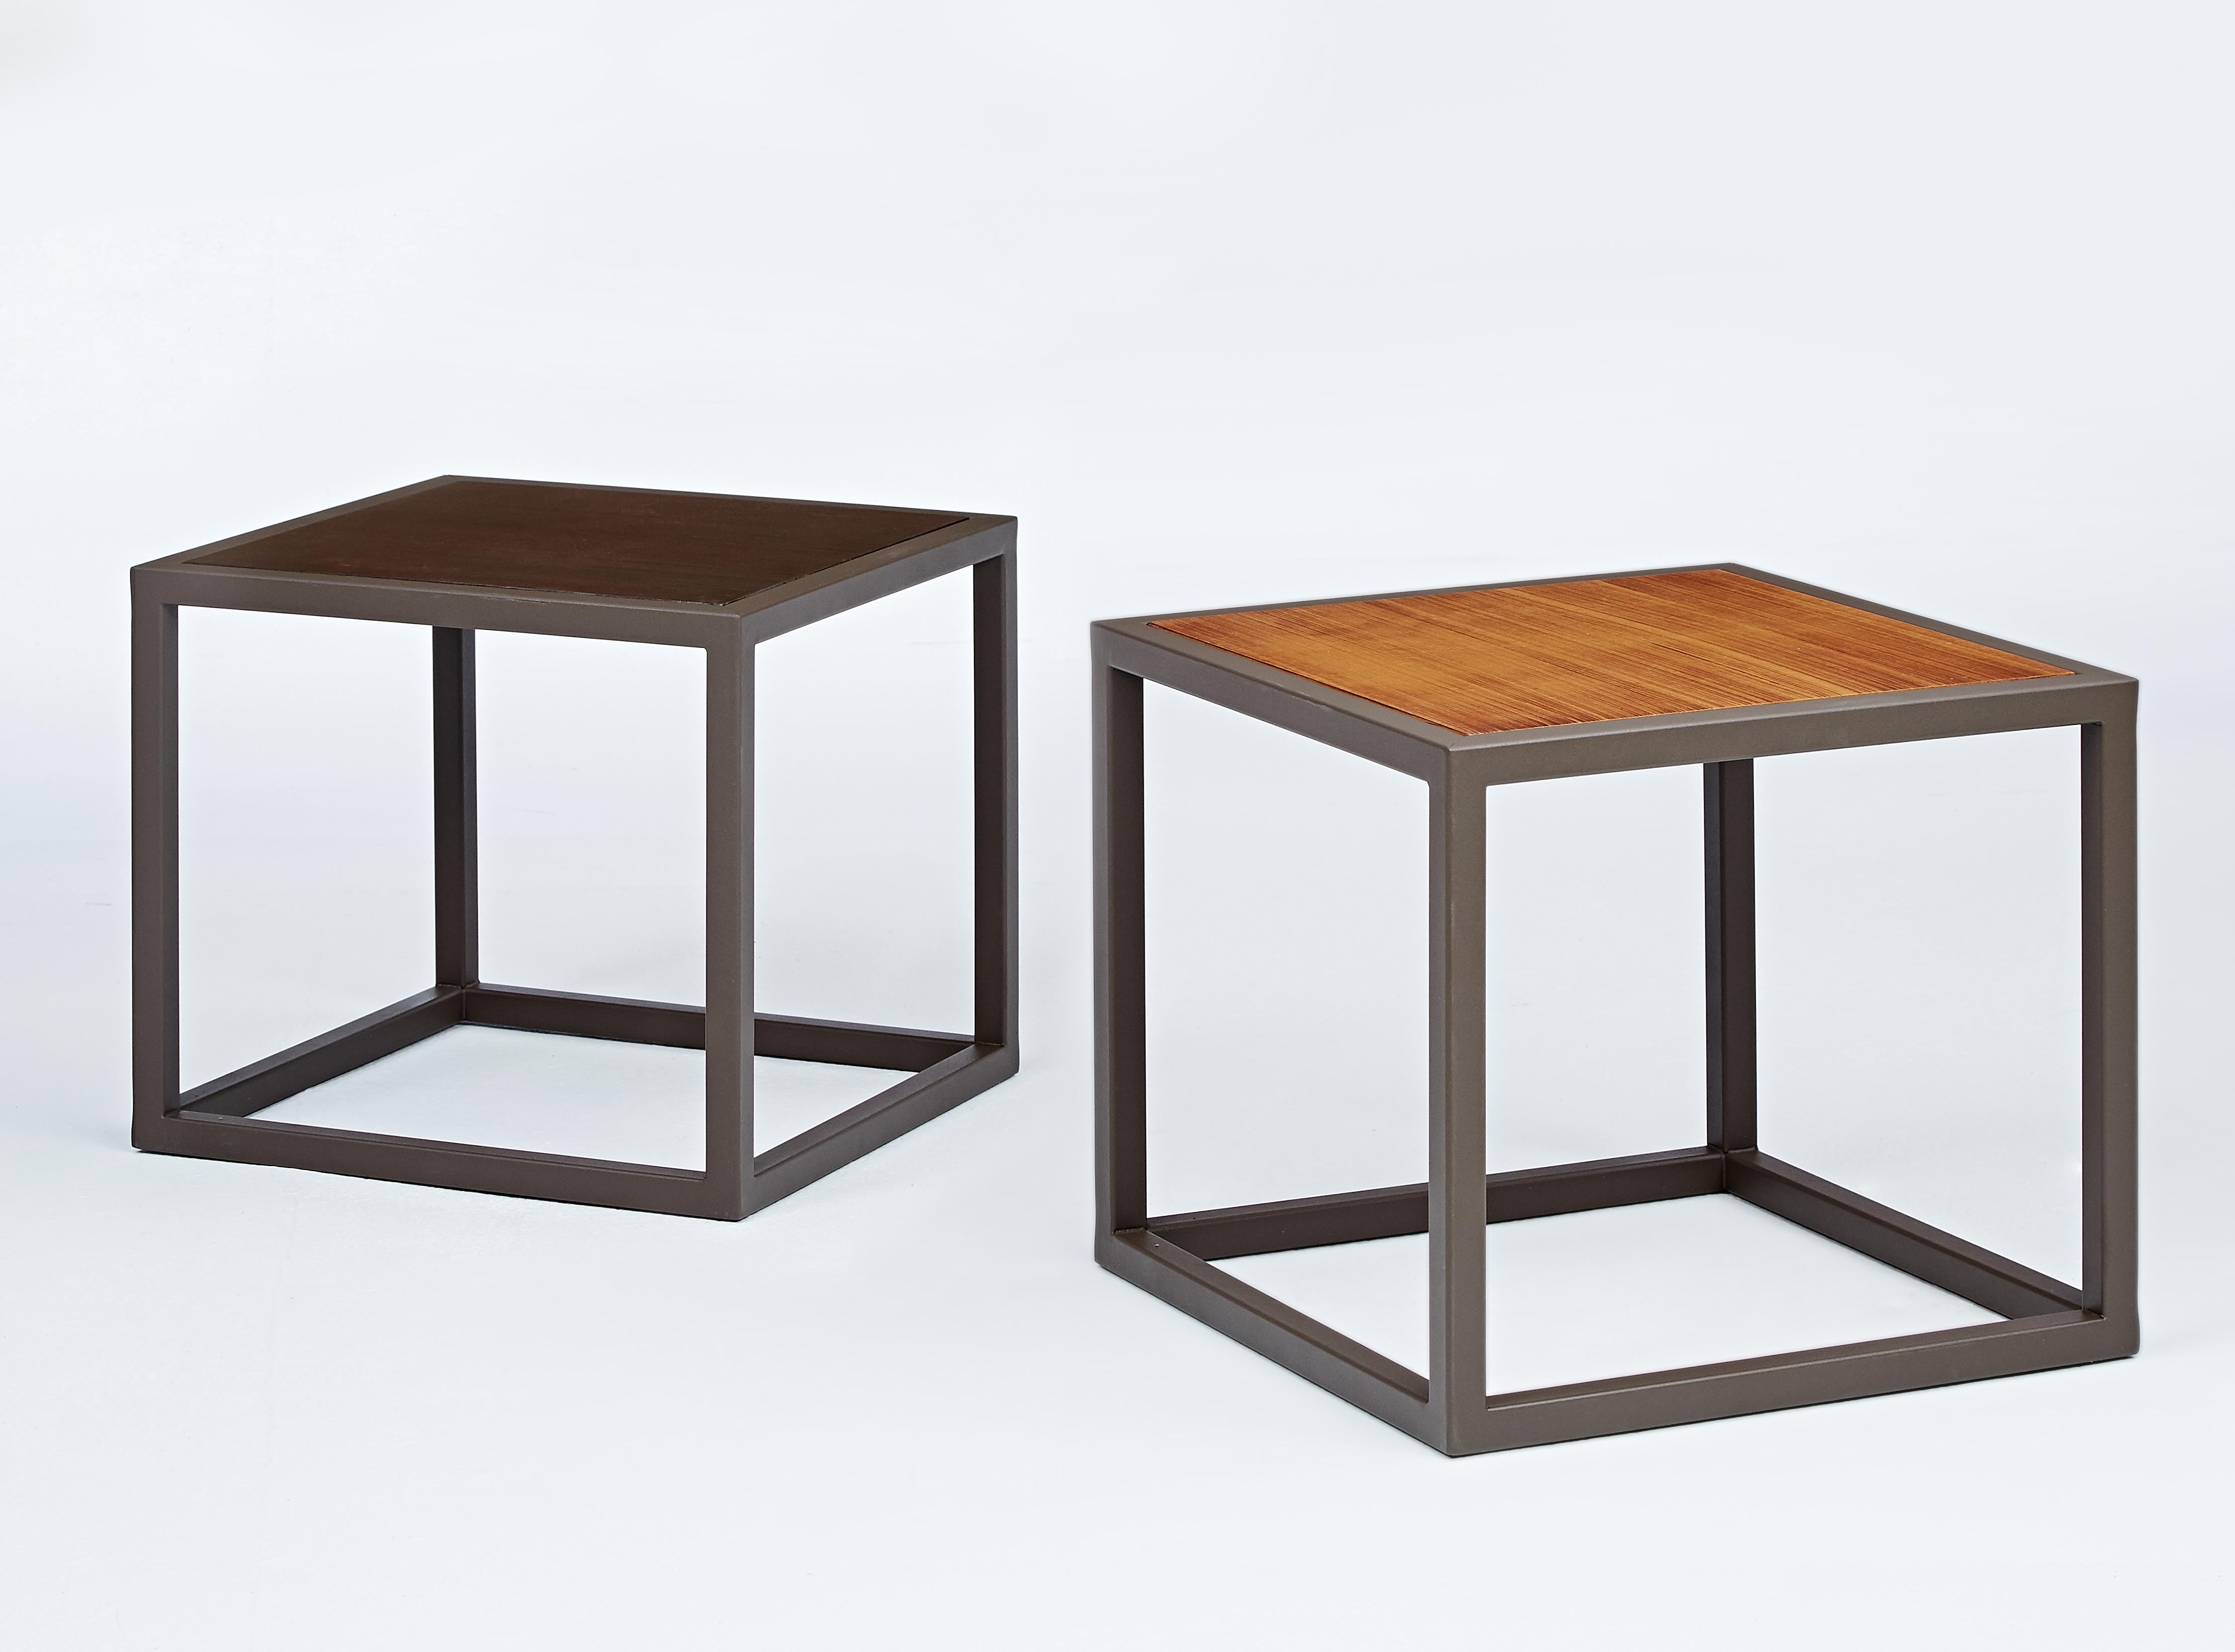 塑木方形桌板茶几